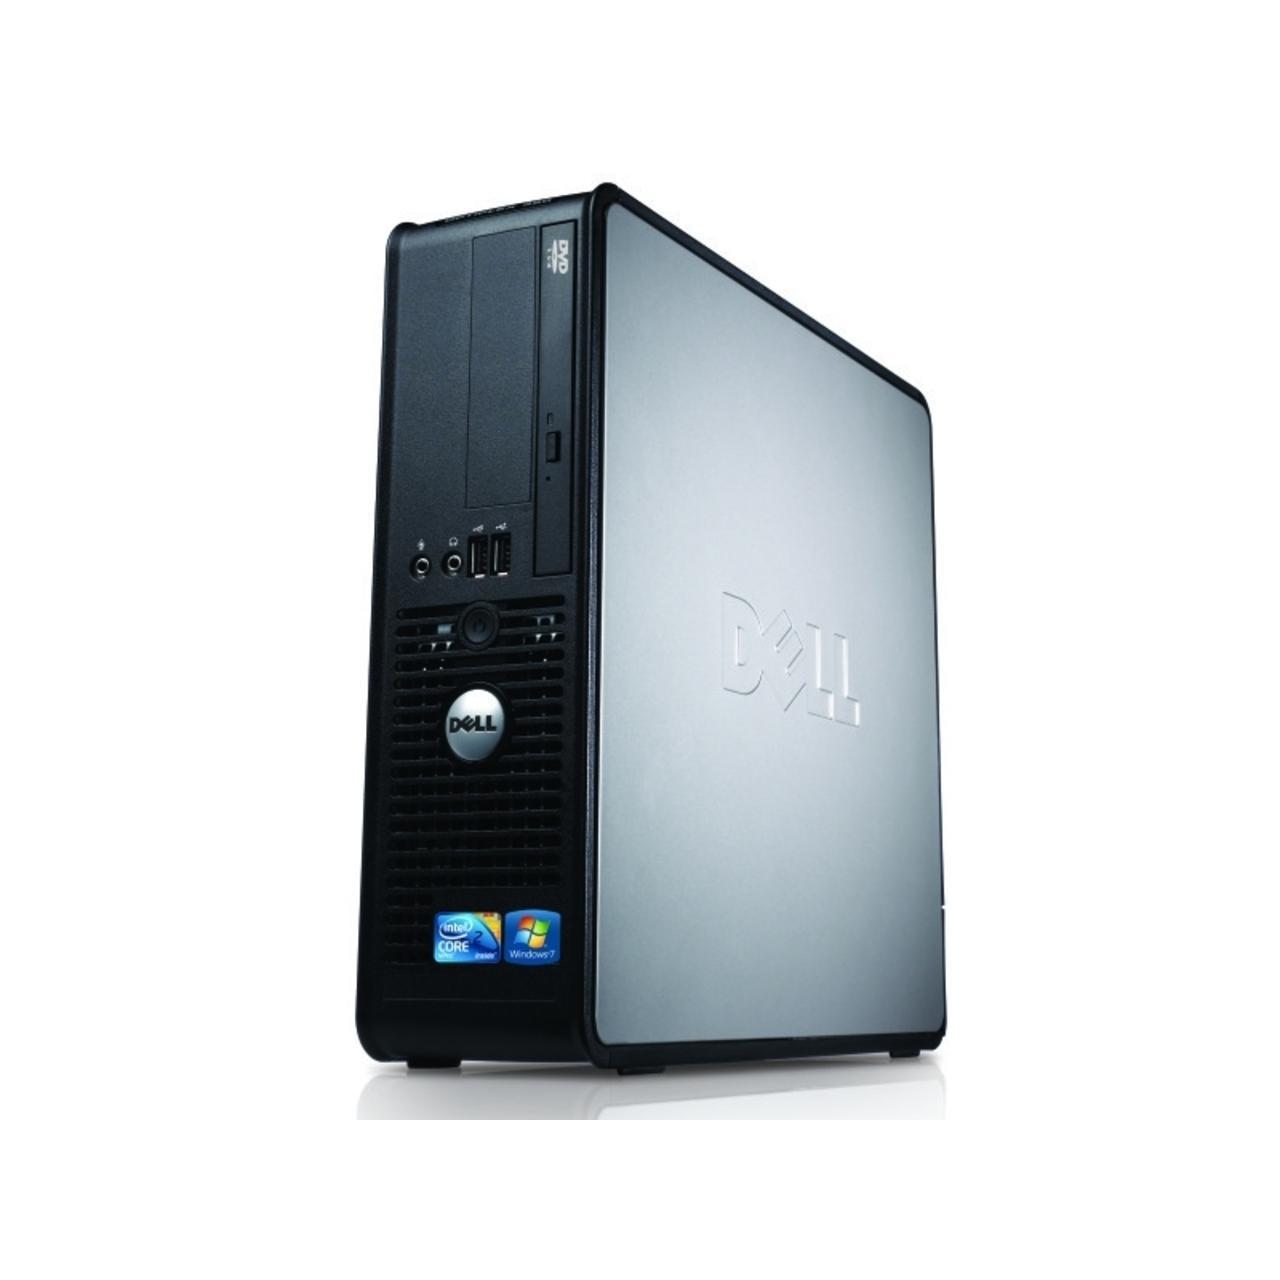 2e064371c8c28c Dell Optiplex 330 Pentium T2130 1,86 GHz - HDD 80 Go RAM 2 Go reconditionné    Back Market